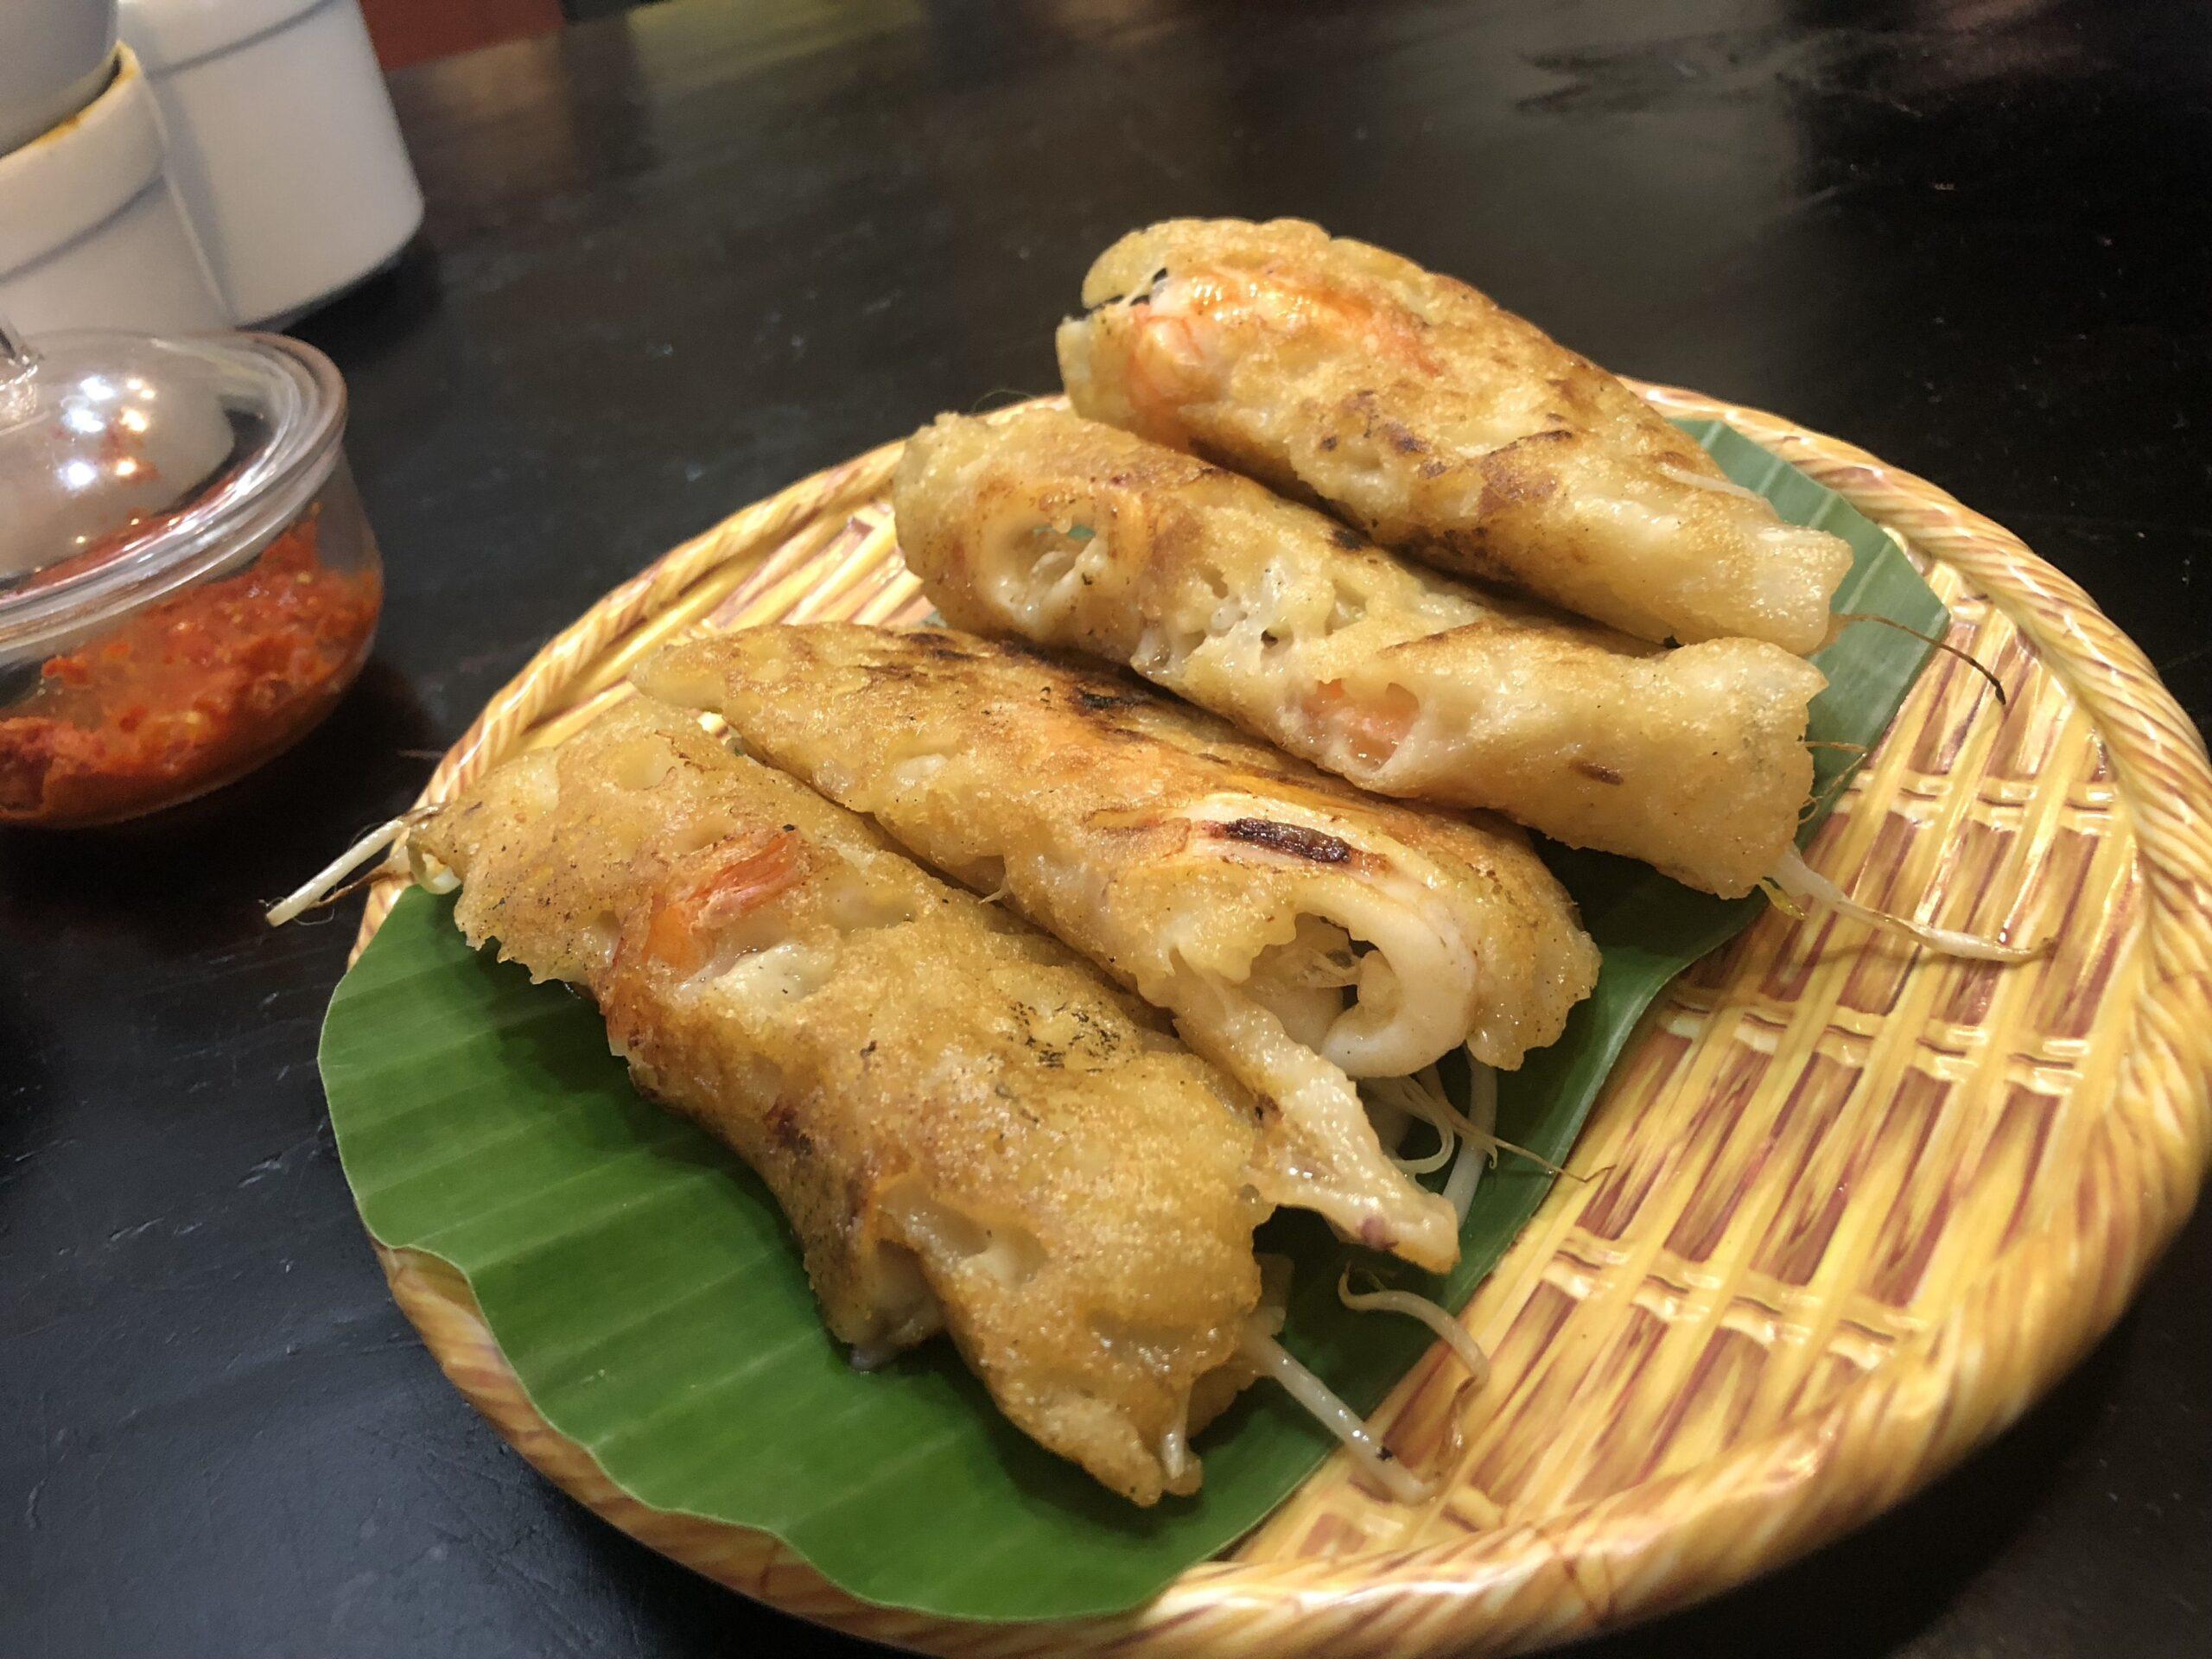 Ẩm thực Phan Rang: Top 4 món ngon nức tiếng hấp dẫn du khách